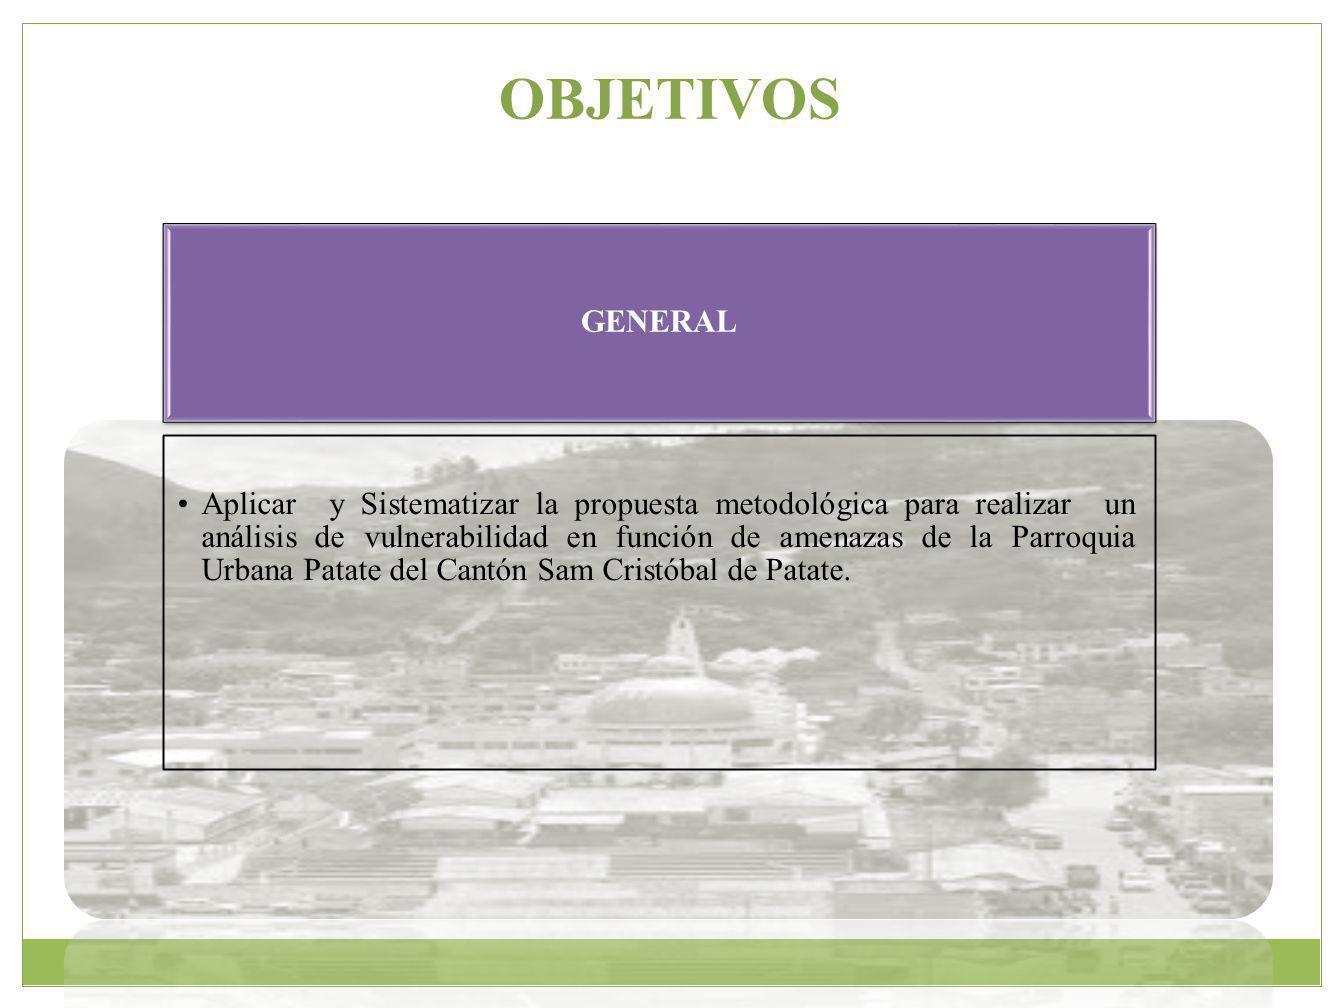 OBJETIVOS GENERAL Aplicar y Sistematizar la propuesta metodológica para realizar un análisis de vulnerabilidad en función de amenazas de la Parroquia Urbana Patate del Cantón Sam Cristóbal de Patate.